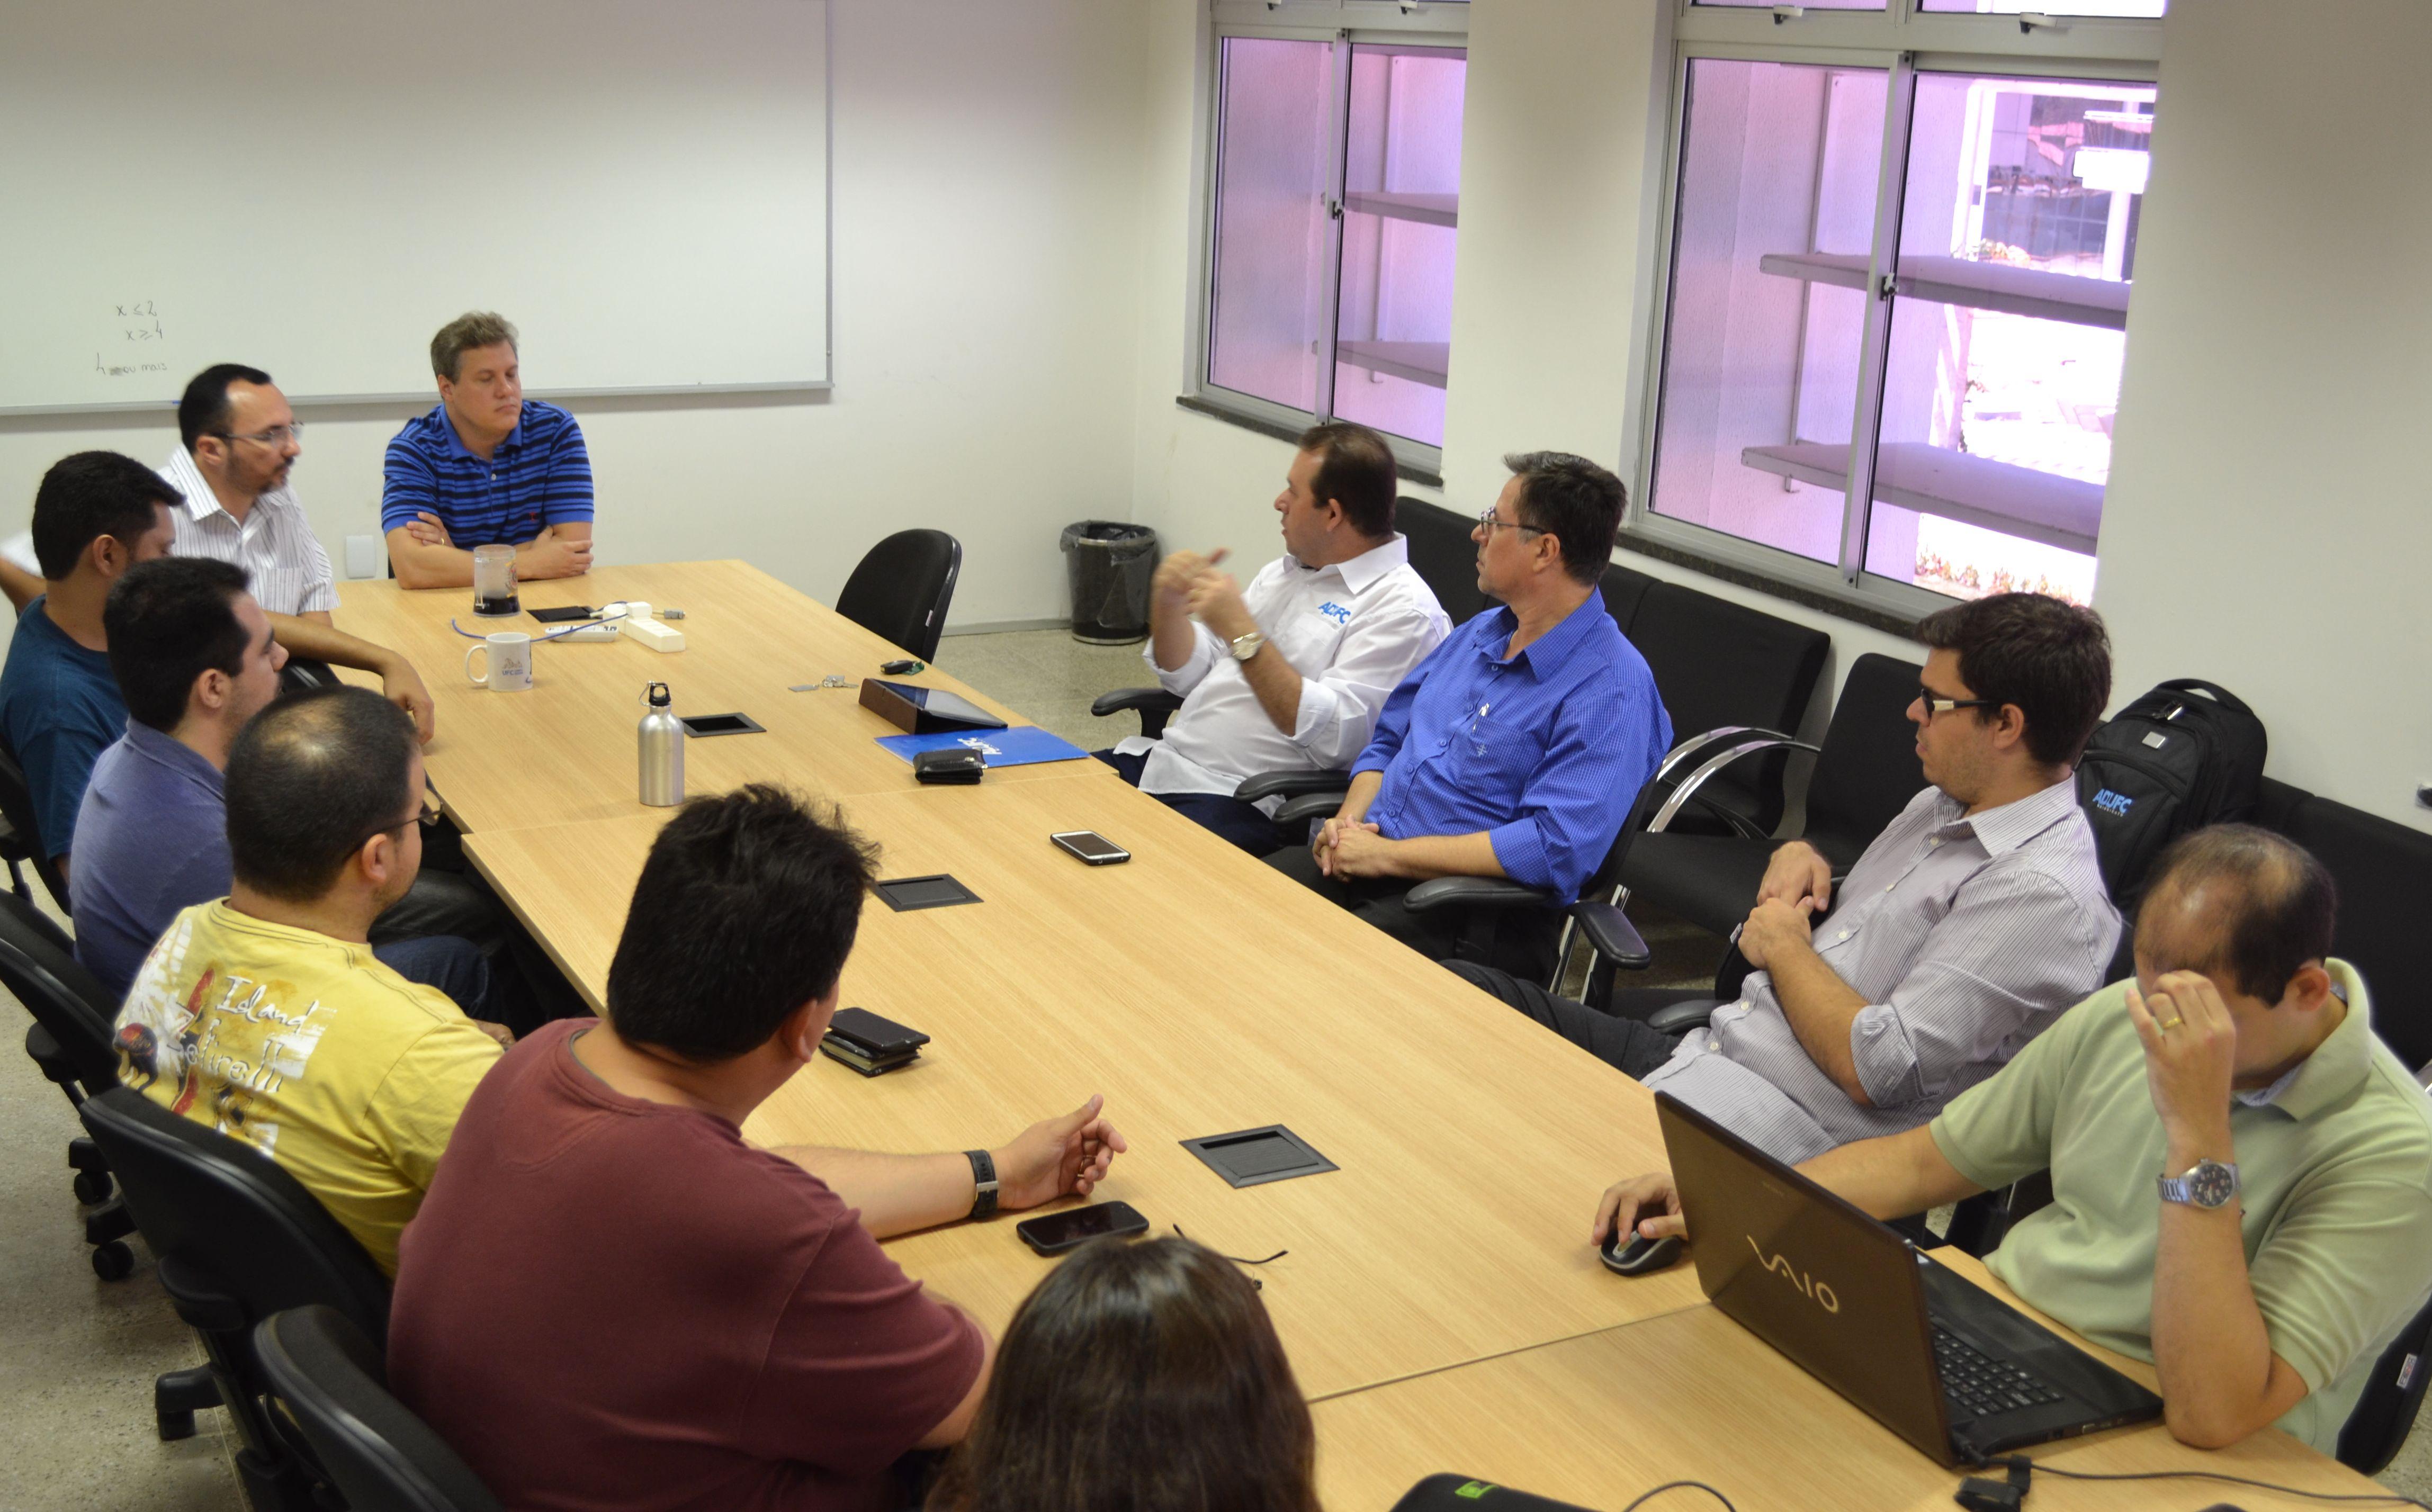 Diretoria da ADUFC-Sindicato participa de reunião com professores da UFC em Quixadá